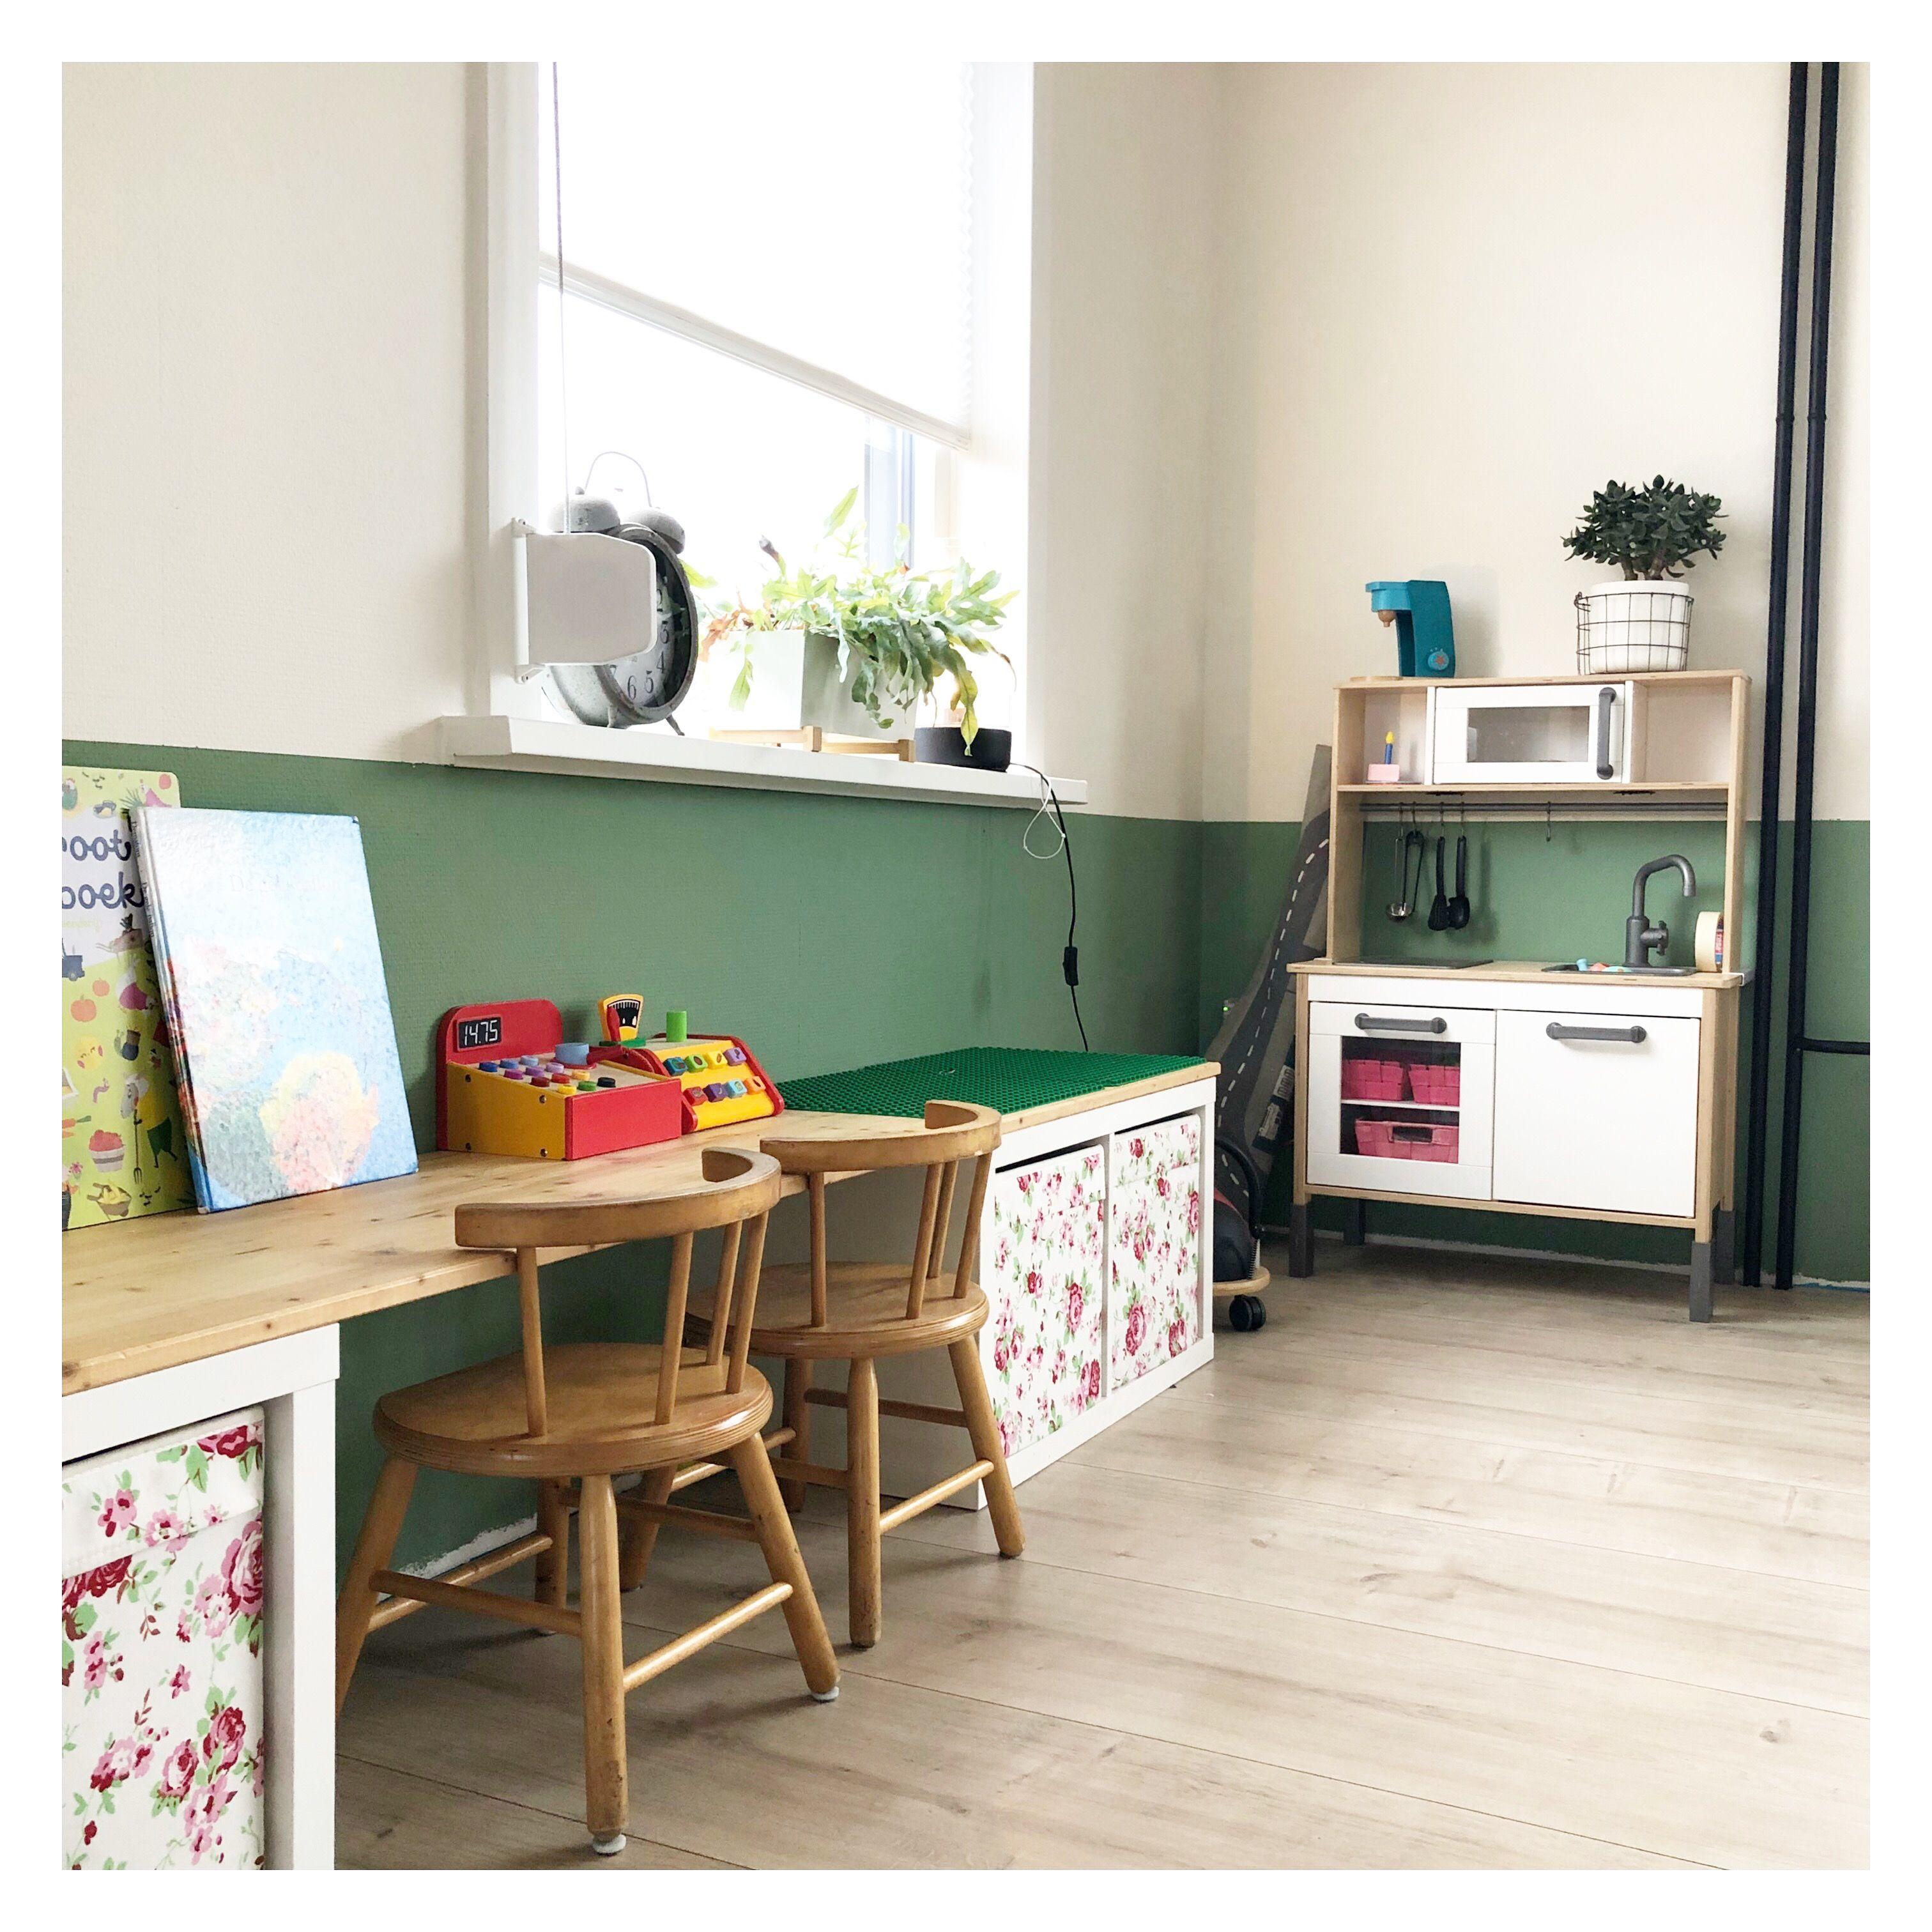 Speelhoek, lambrisering, diy, groene muur, Ikea hack